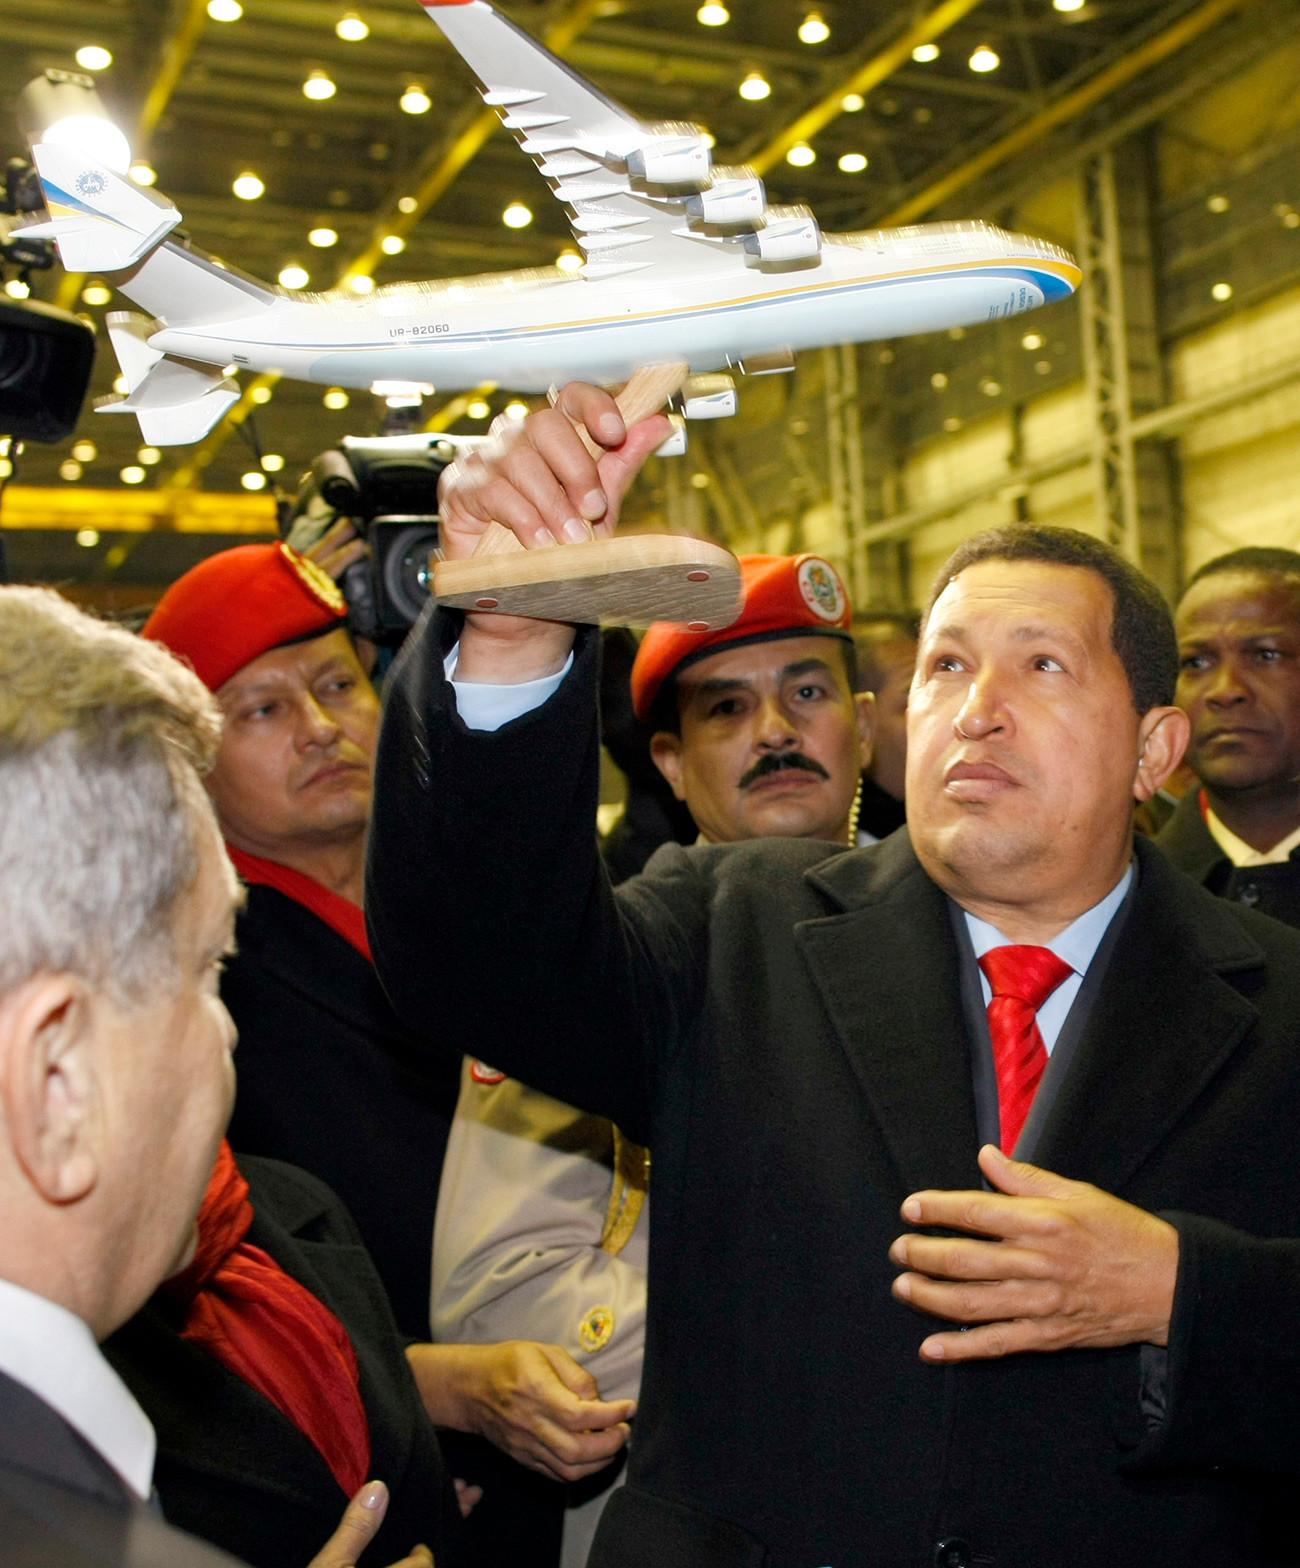 Presiden Venezuela Hugo Chavez memegang model pesawat Antonov An-225 Mriya dalam kunjungannya ke pabrik Antonov di Kiev, 18 Otober 2010.